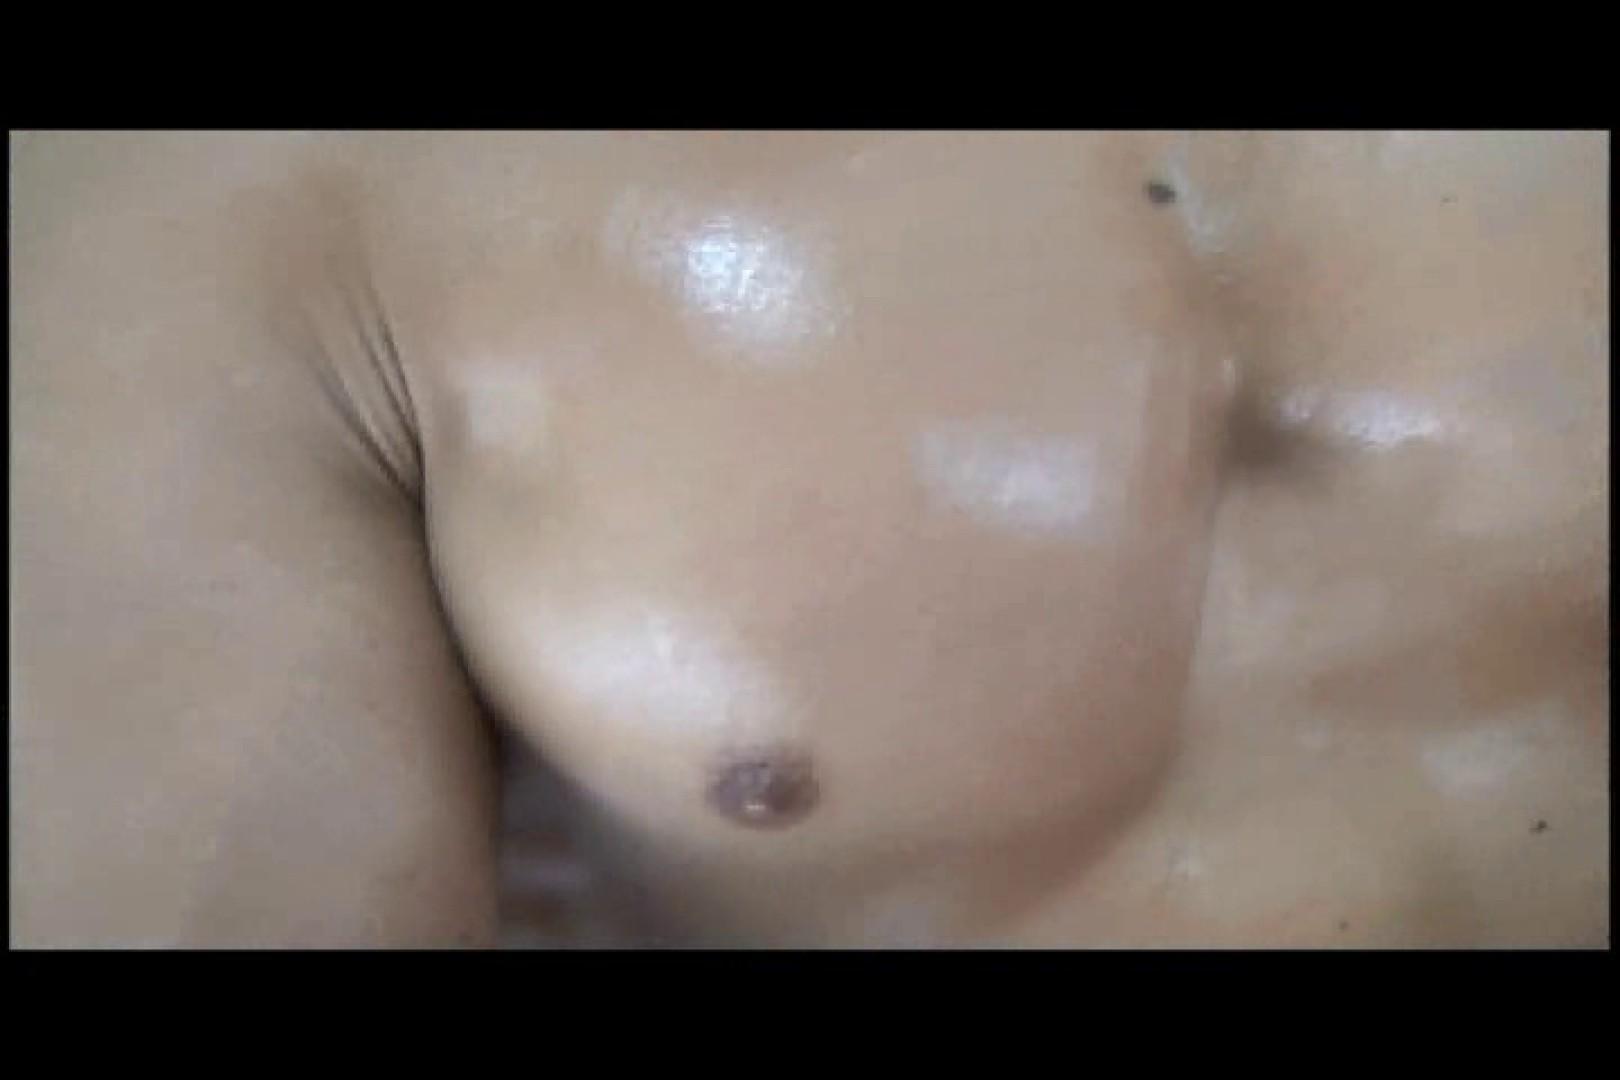 エロガチムチ兄さんのセクシームービー前編 ガチムチ  104pic 17